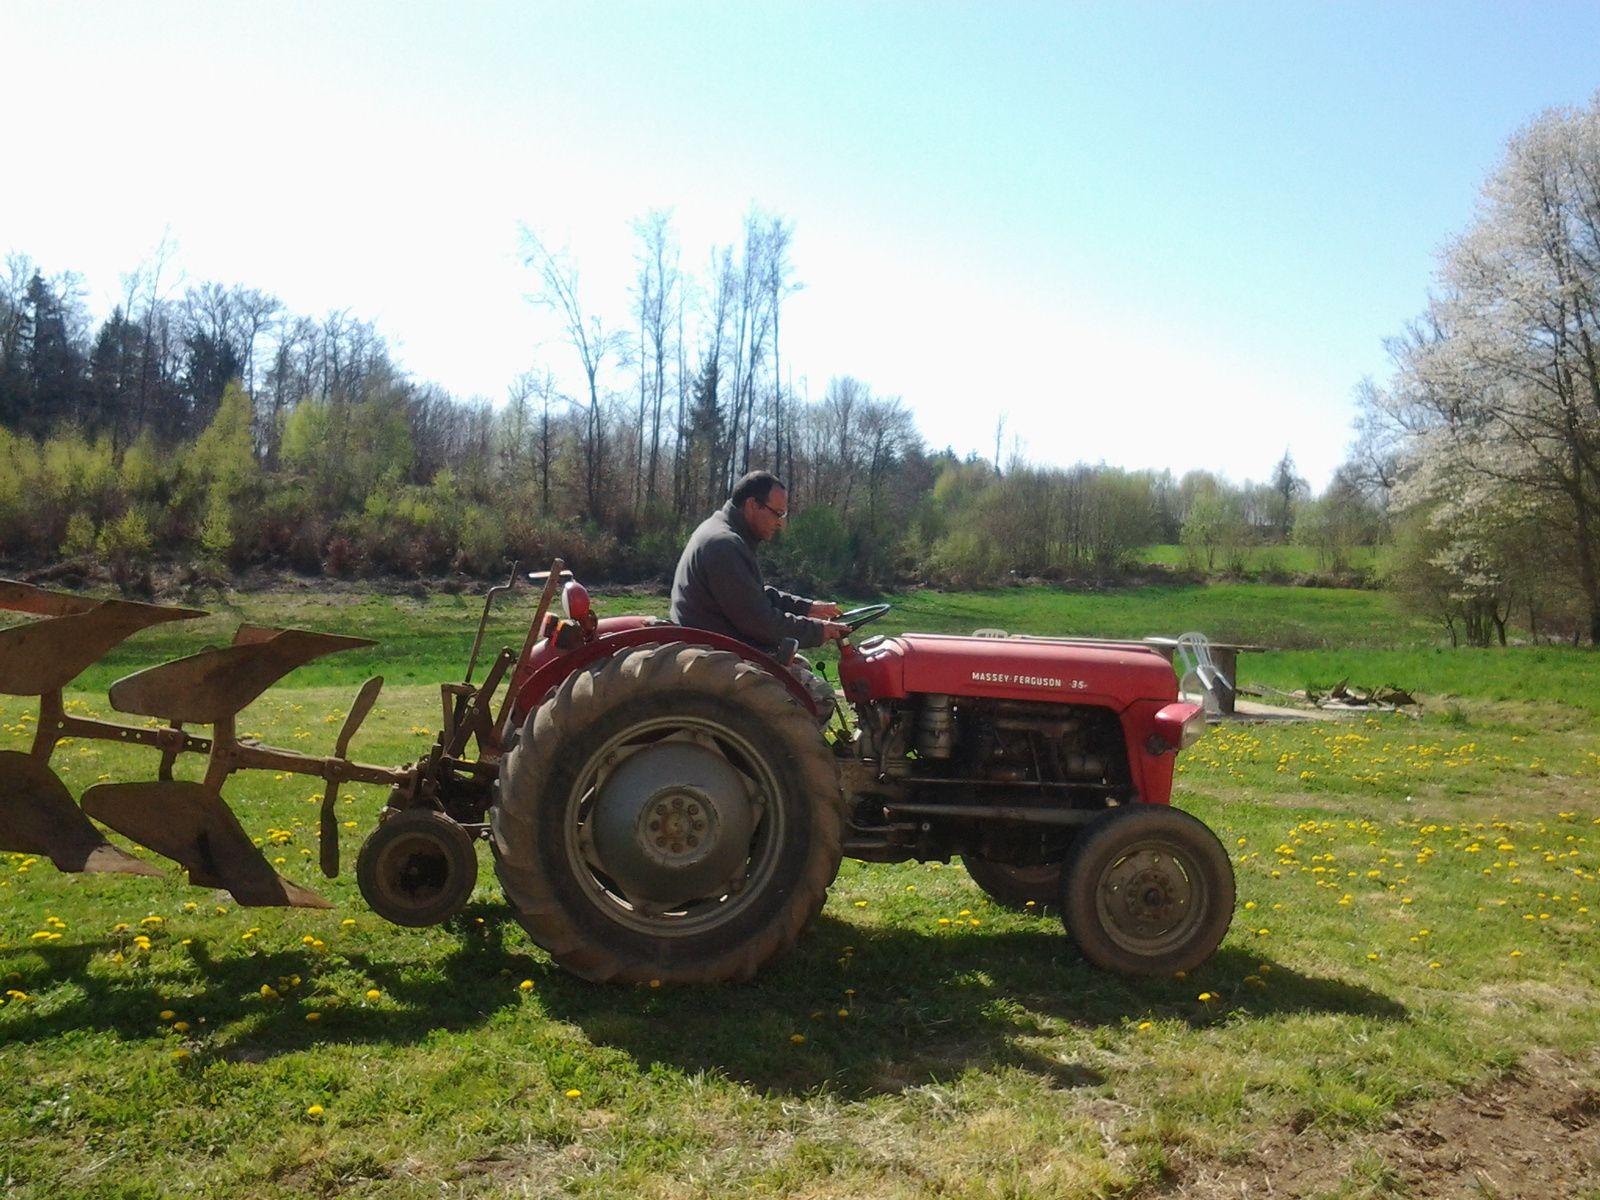 Le 1er essai de notre nouvelle acquisition, un tracteur Massey Fergusson 35.Avec charrue, barre de coupe, remorque et le broyeur arrive demain.